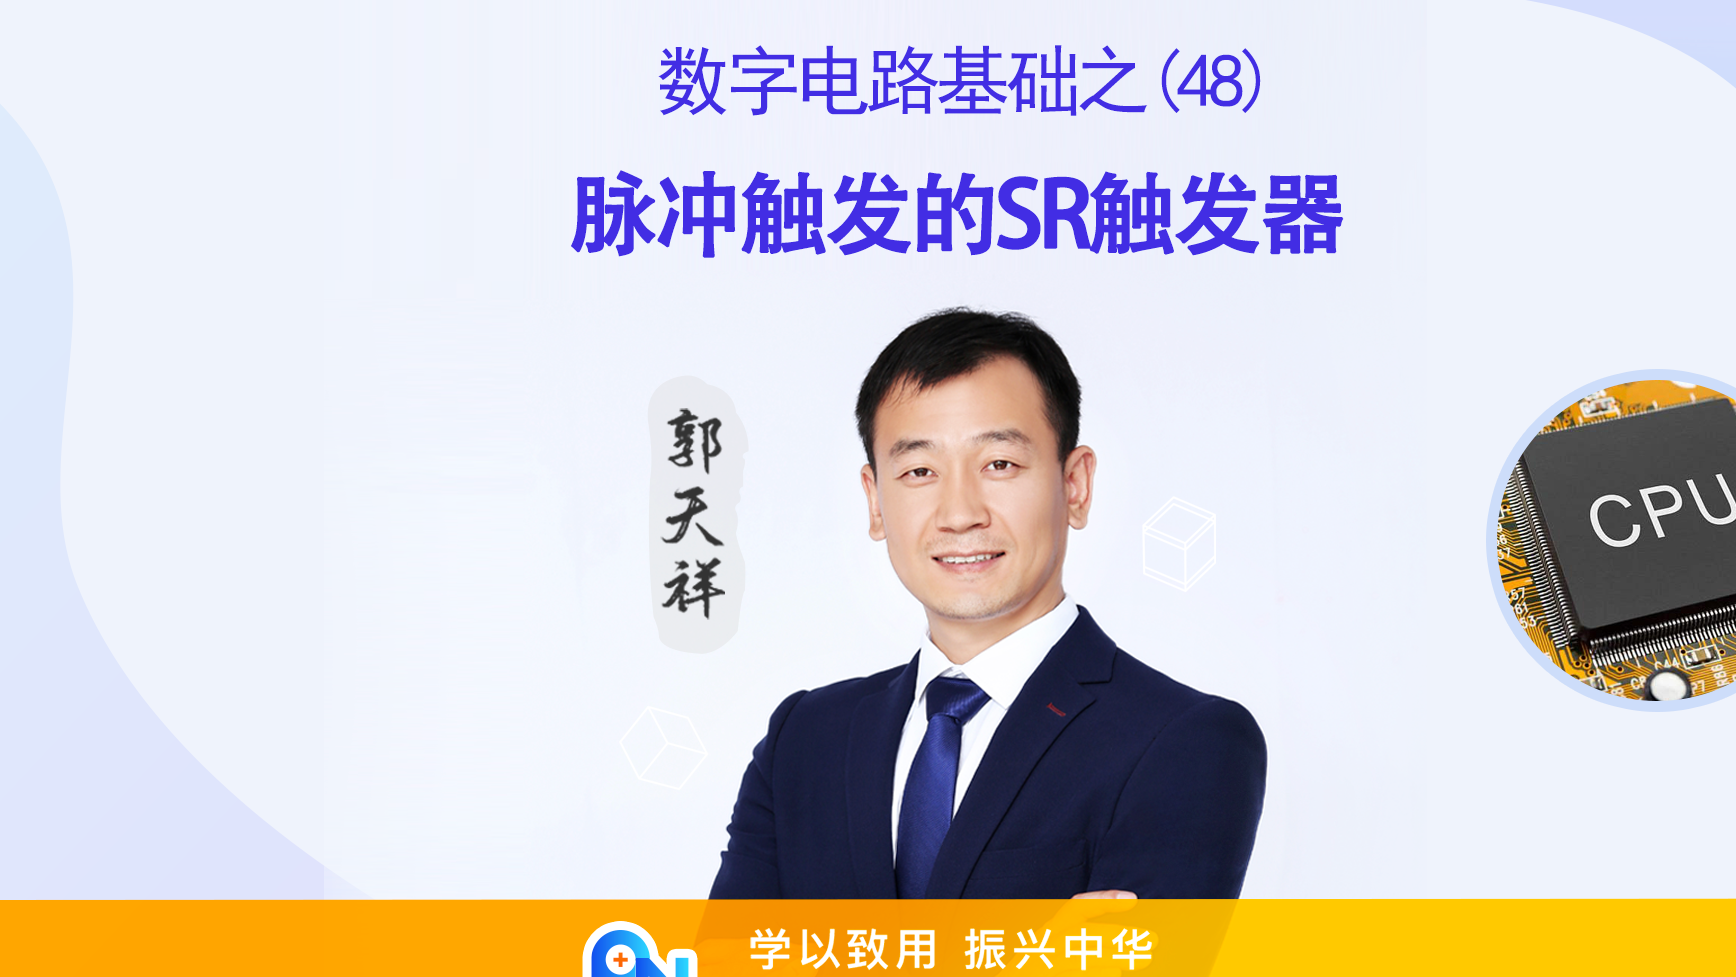 郭天祥—数字电路基础(48)脉冲触发的SR触发器